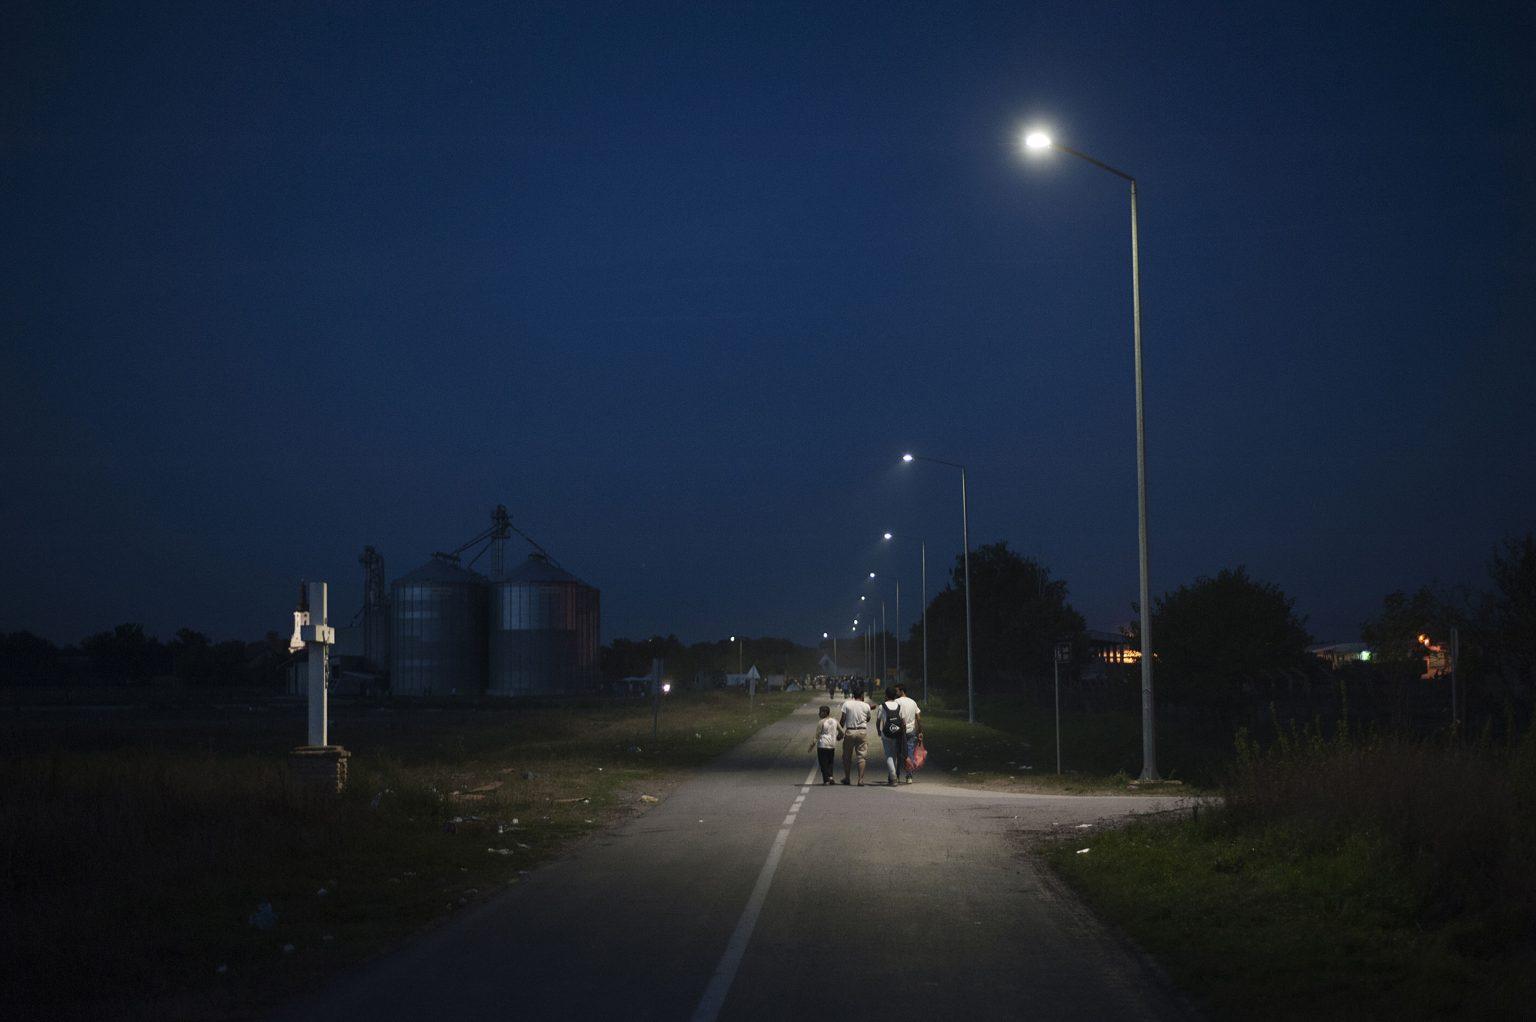 Tovarnik, Croatia, September 18th 2015 - Syrian refugees waiting to board a bus. Refugees have begun carving a new route into the Schengen area, travelling via Croatia, after neighbouring Hungary, overwhelmed by the refugee traffic, has fenced off its own border with Serbia.       ><    Tovarnik, Croazia, 18 settembre 2015 - Profughi siriani in attesa di prendere l'autobus. I profughi hanno cominciato a battere una nuova rotta all'interno dell'area Schengen viaggiando attraverso la Croazia, dopo che la vicina Ungheria, schiacciata dall'afflusso di migliaia di persone, ha chiuso la frontiera con la Serbia. *** Local Caption *** 00558111